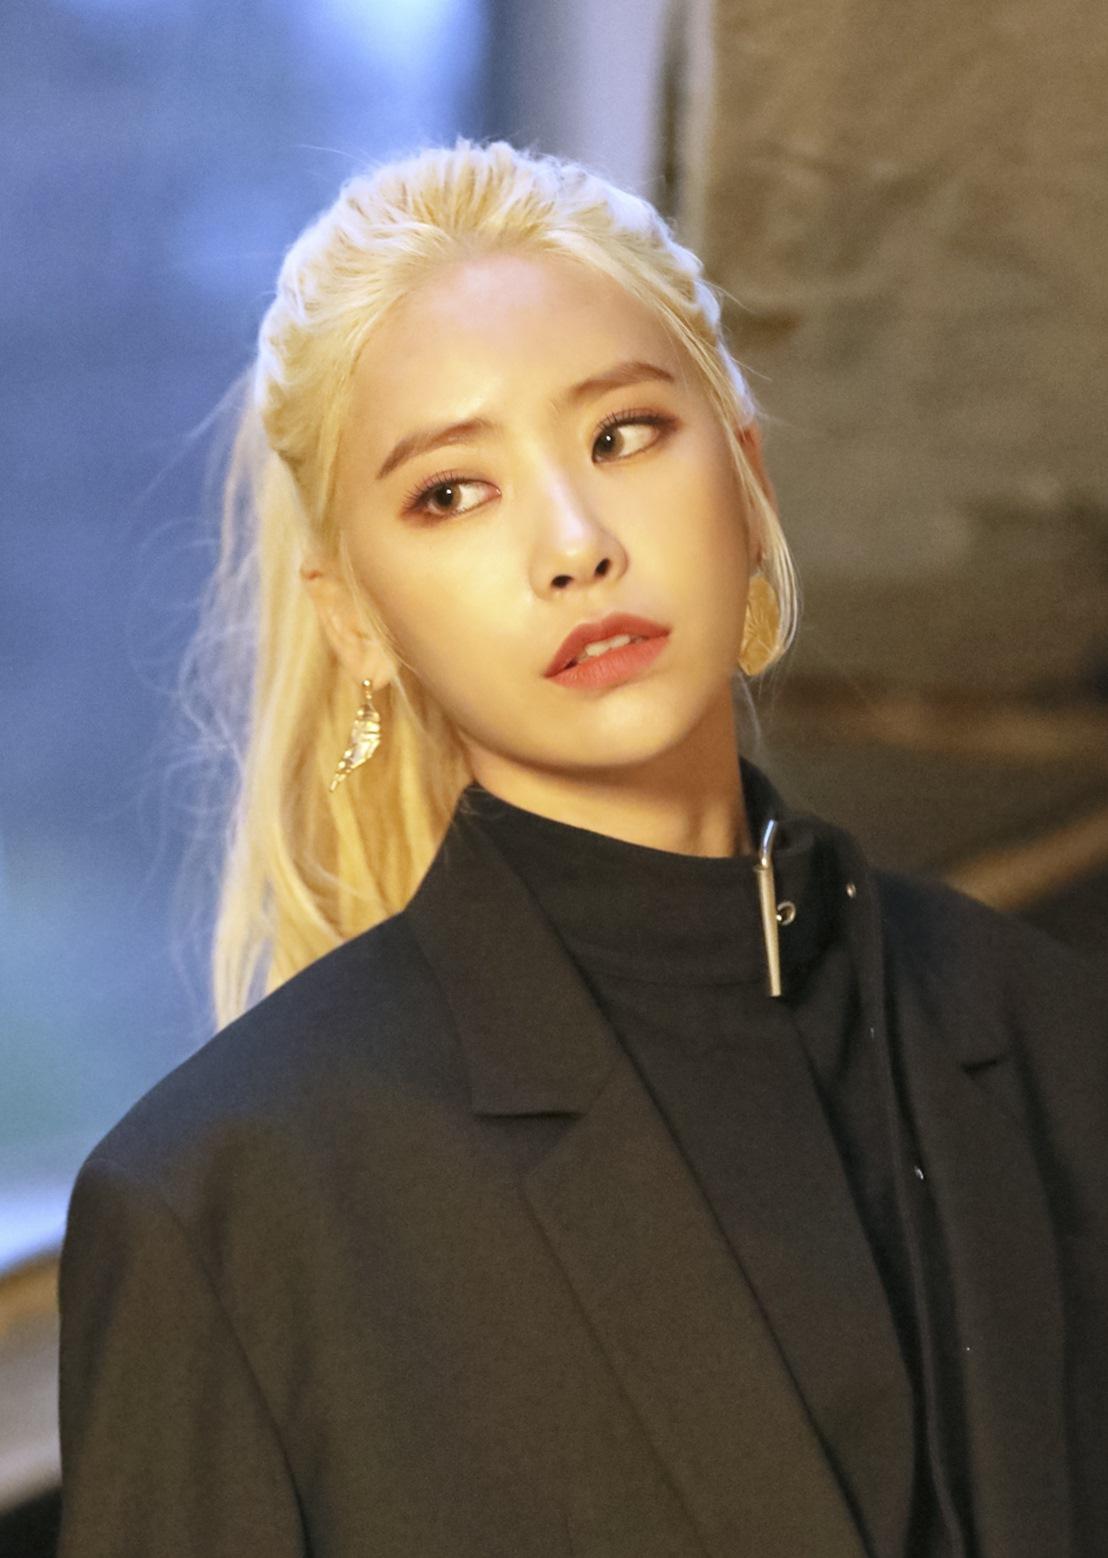 다이아 희현, MBC '언더나인틴' 게릴라 스테이지 MC낙점!